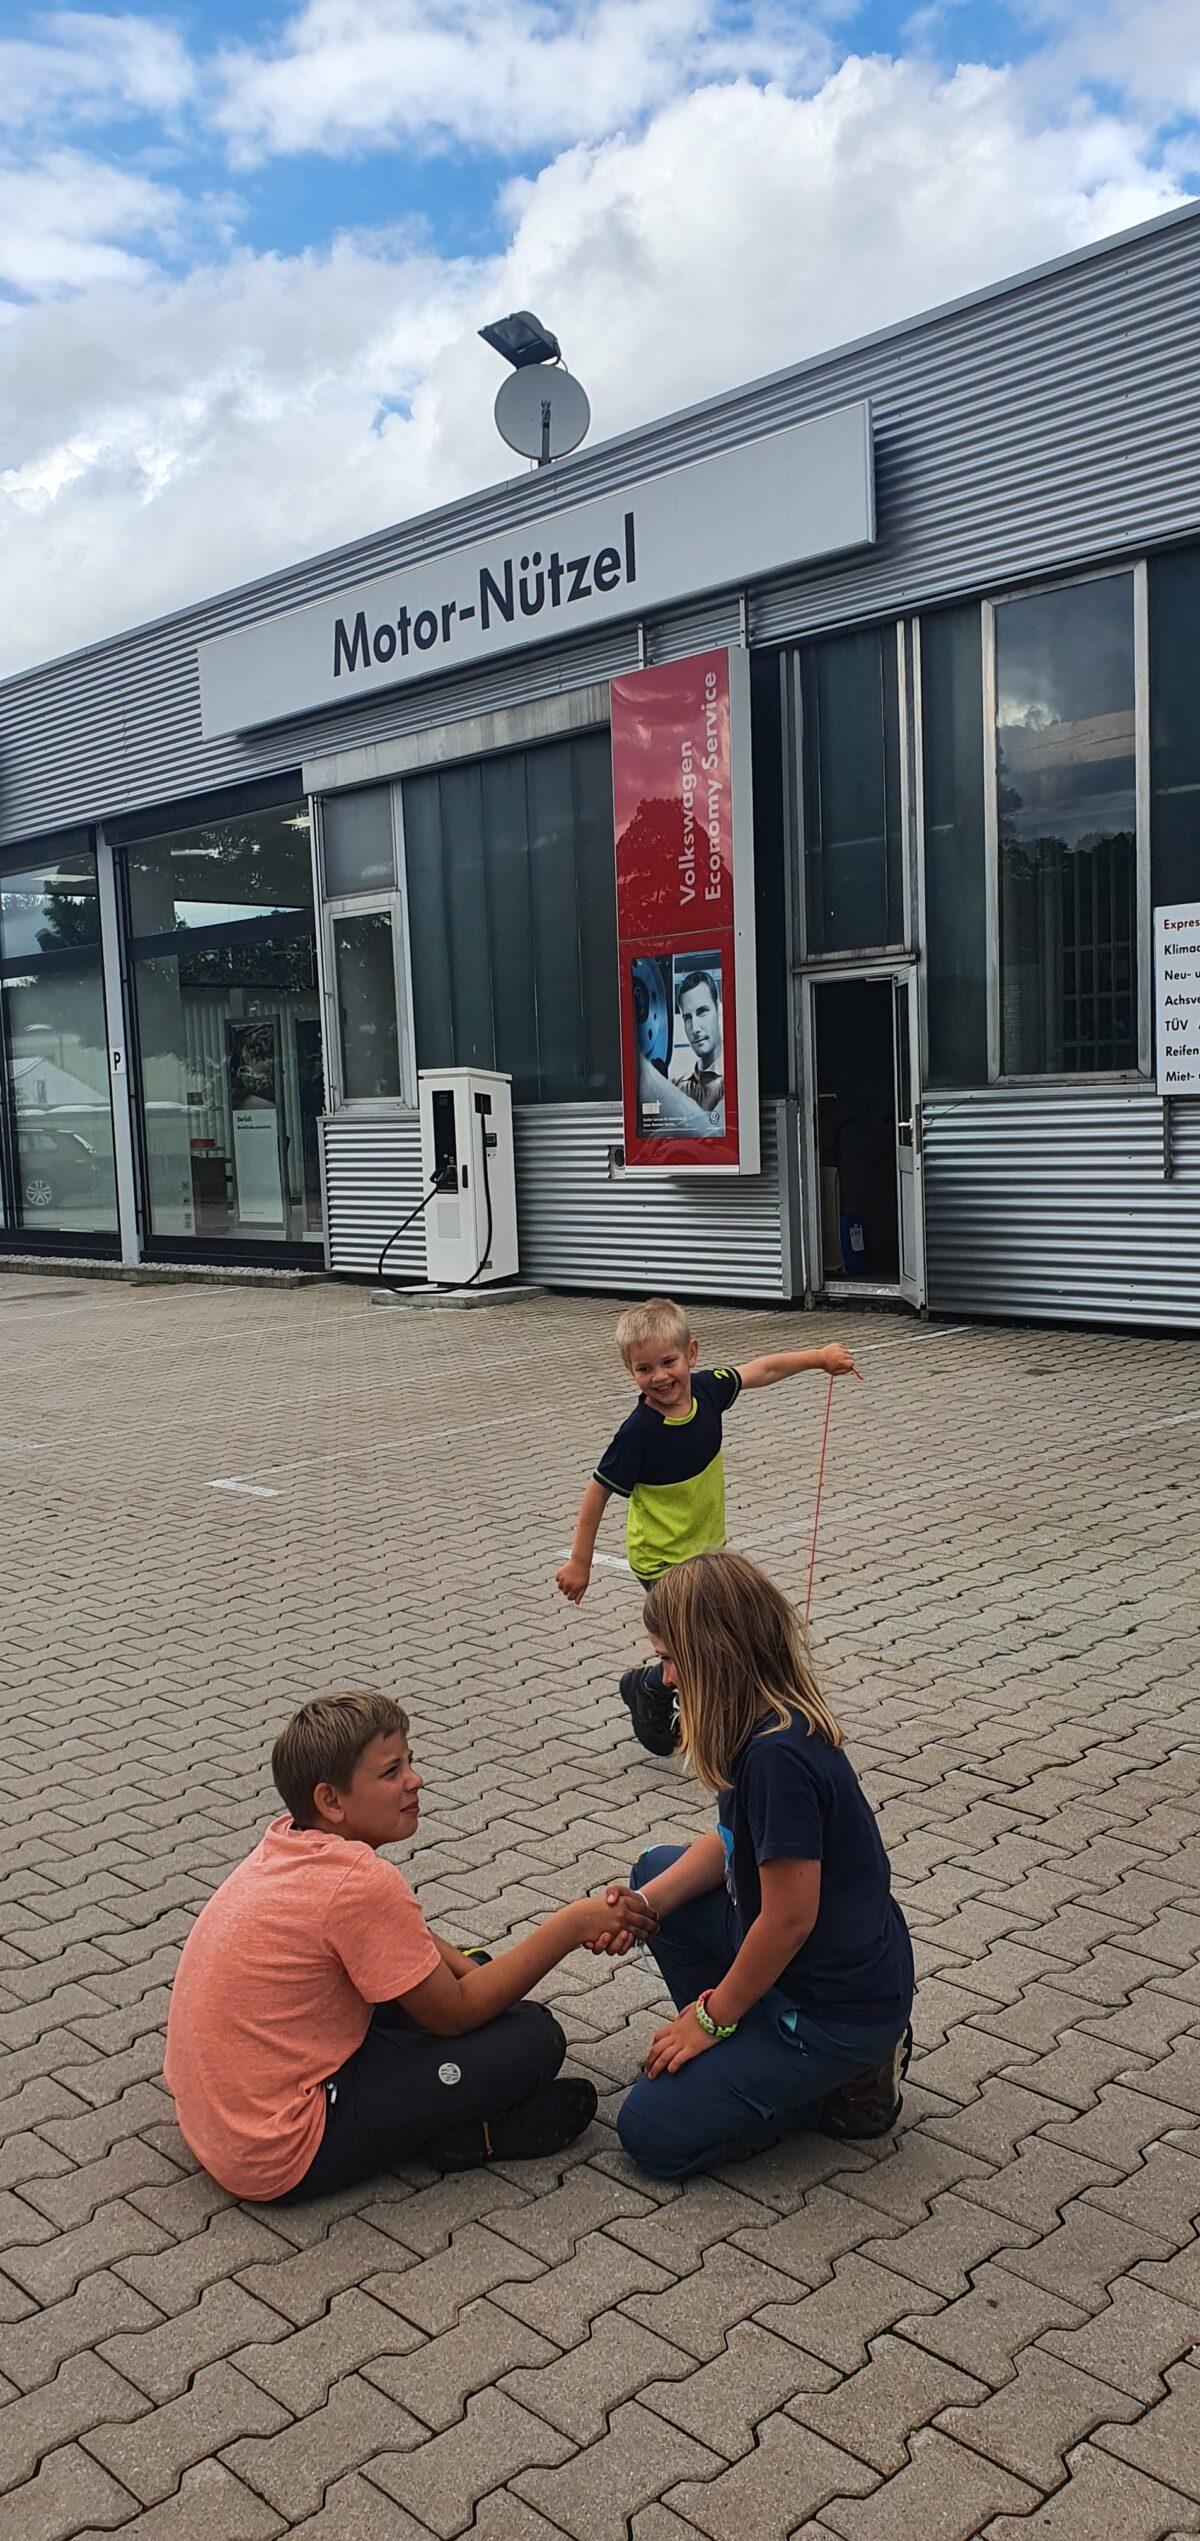 Drei Kinder spielen auf dem Hof einer Autowerkstatt